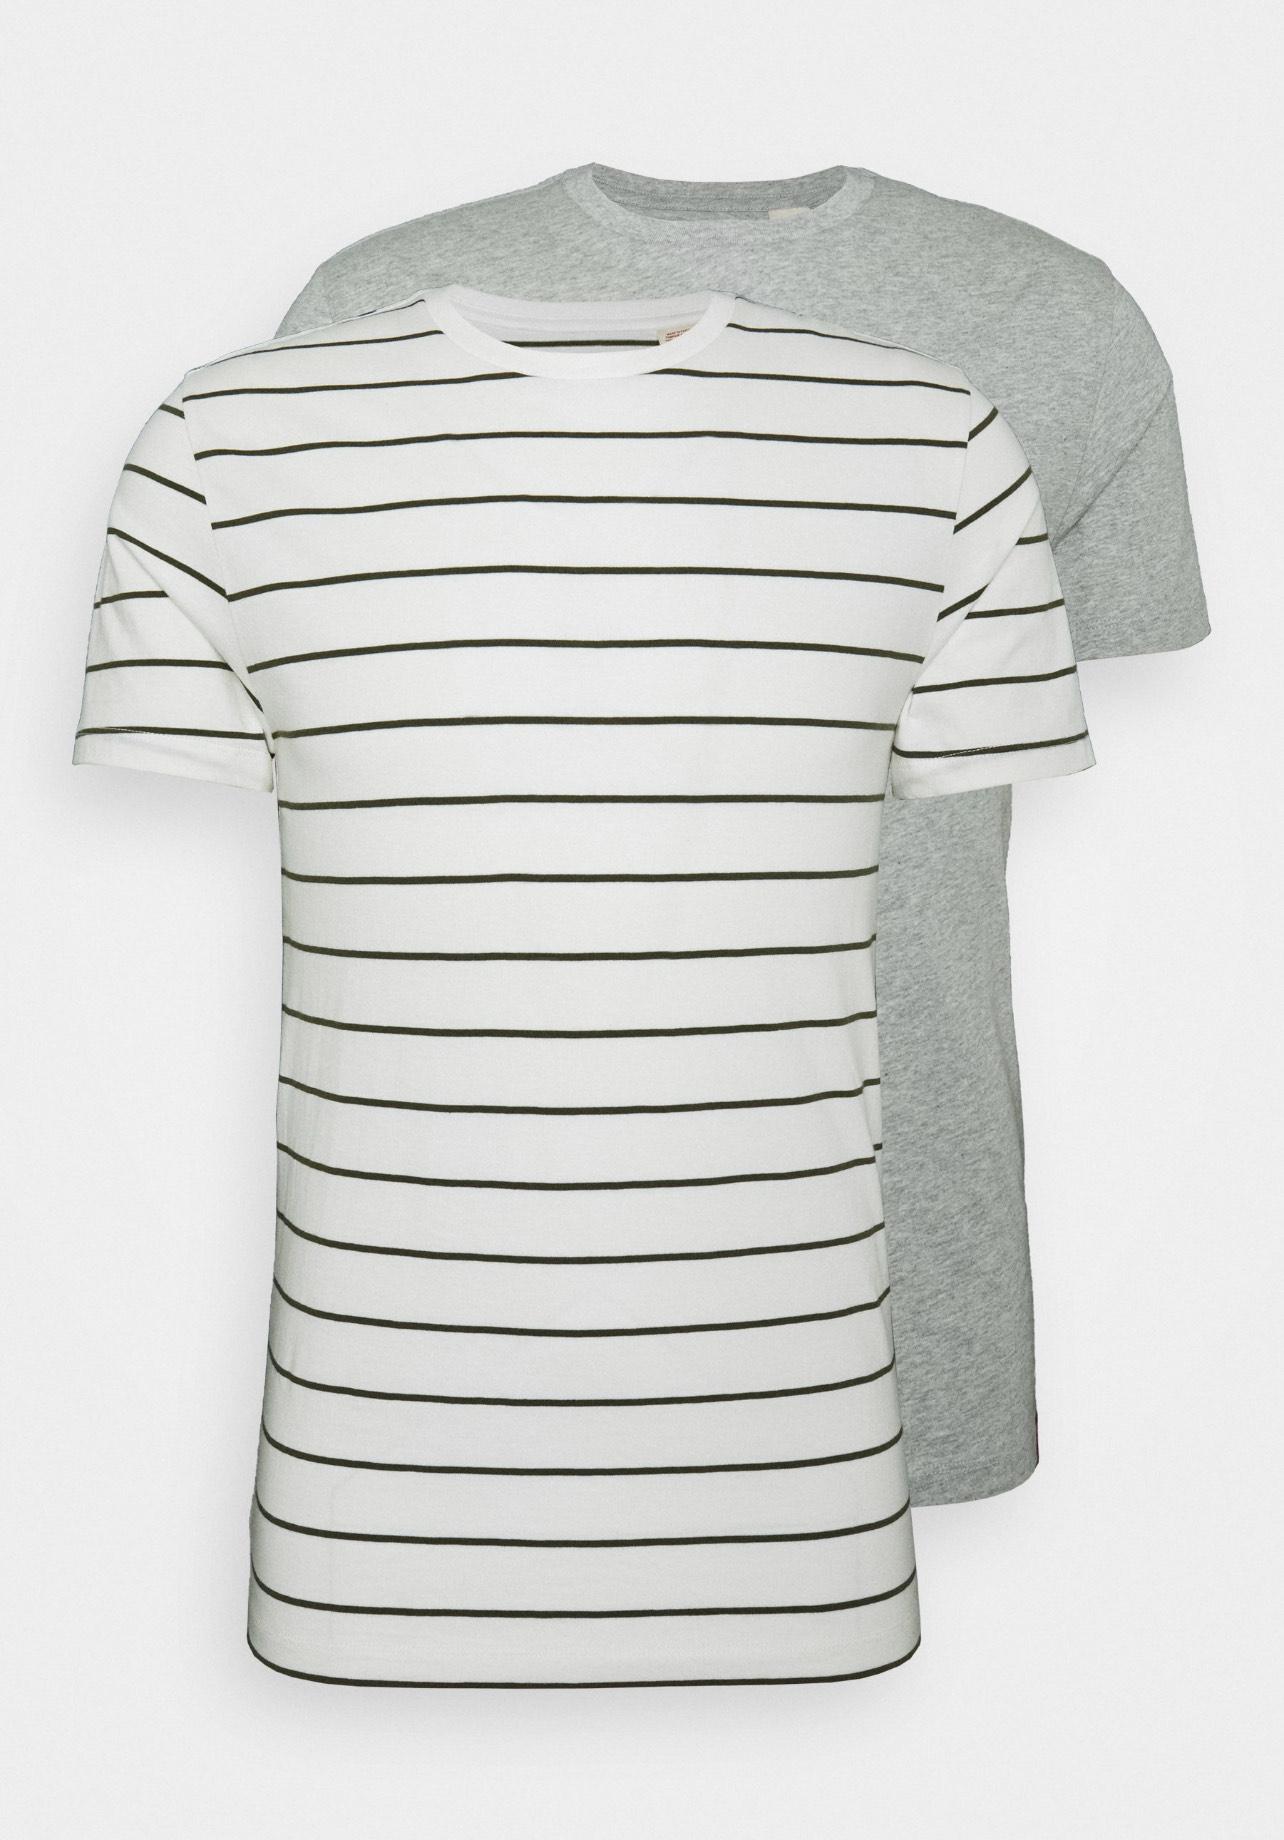 Lot de 2 T-shirts Levi's Homme - plusieurs couleurs disponibles